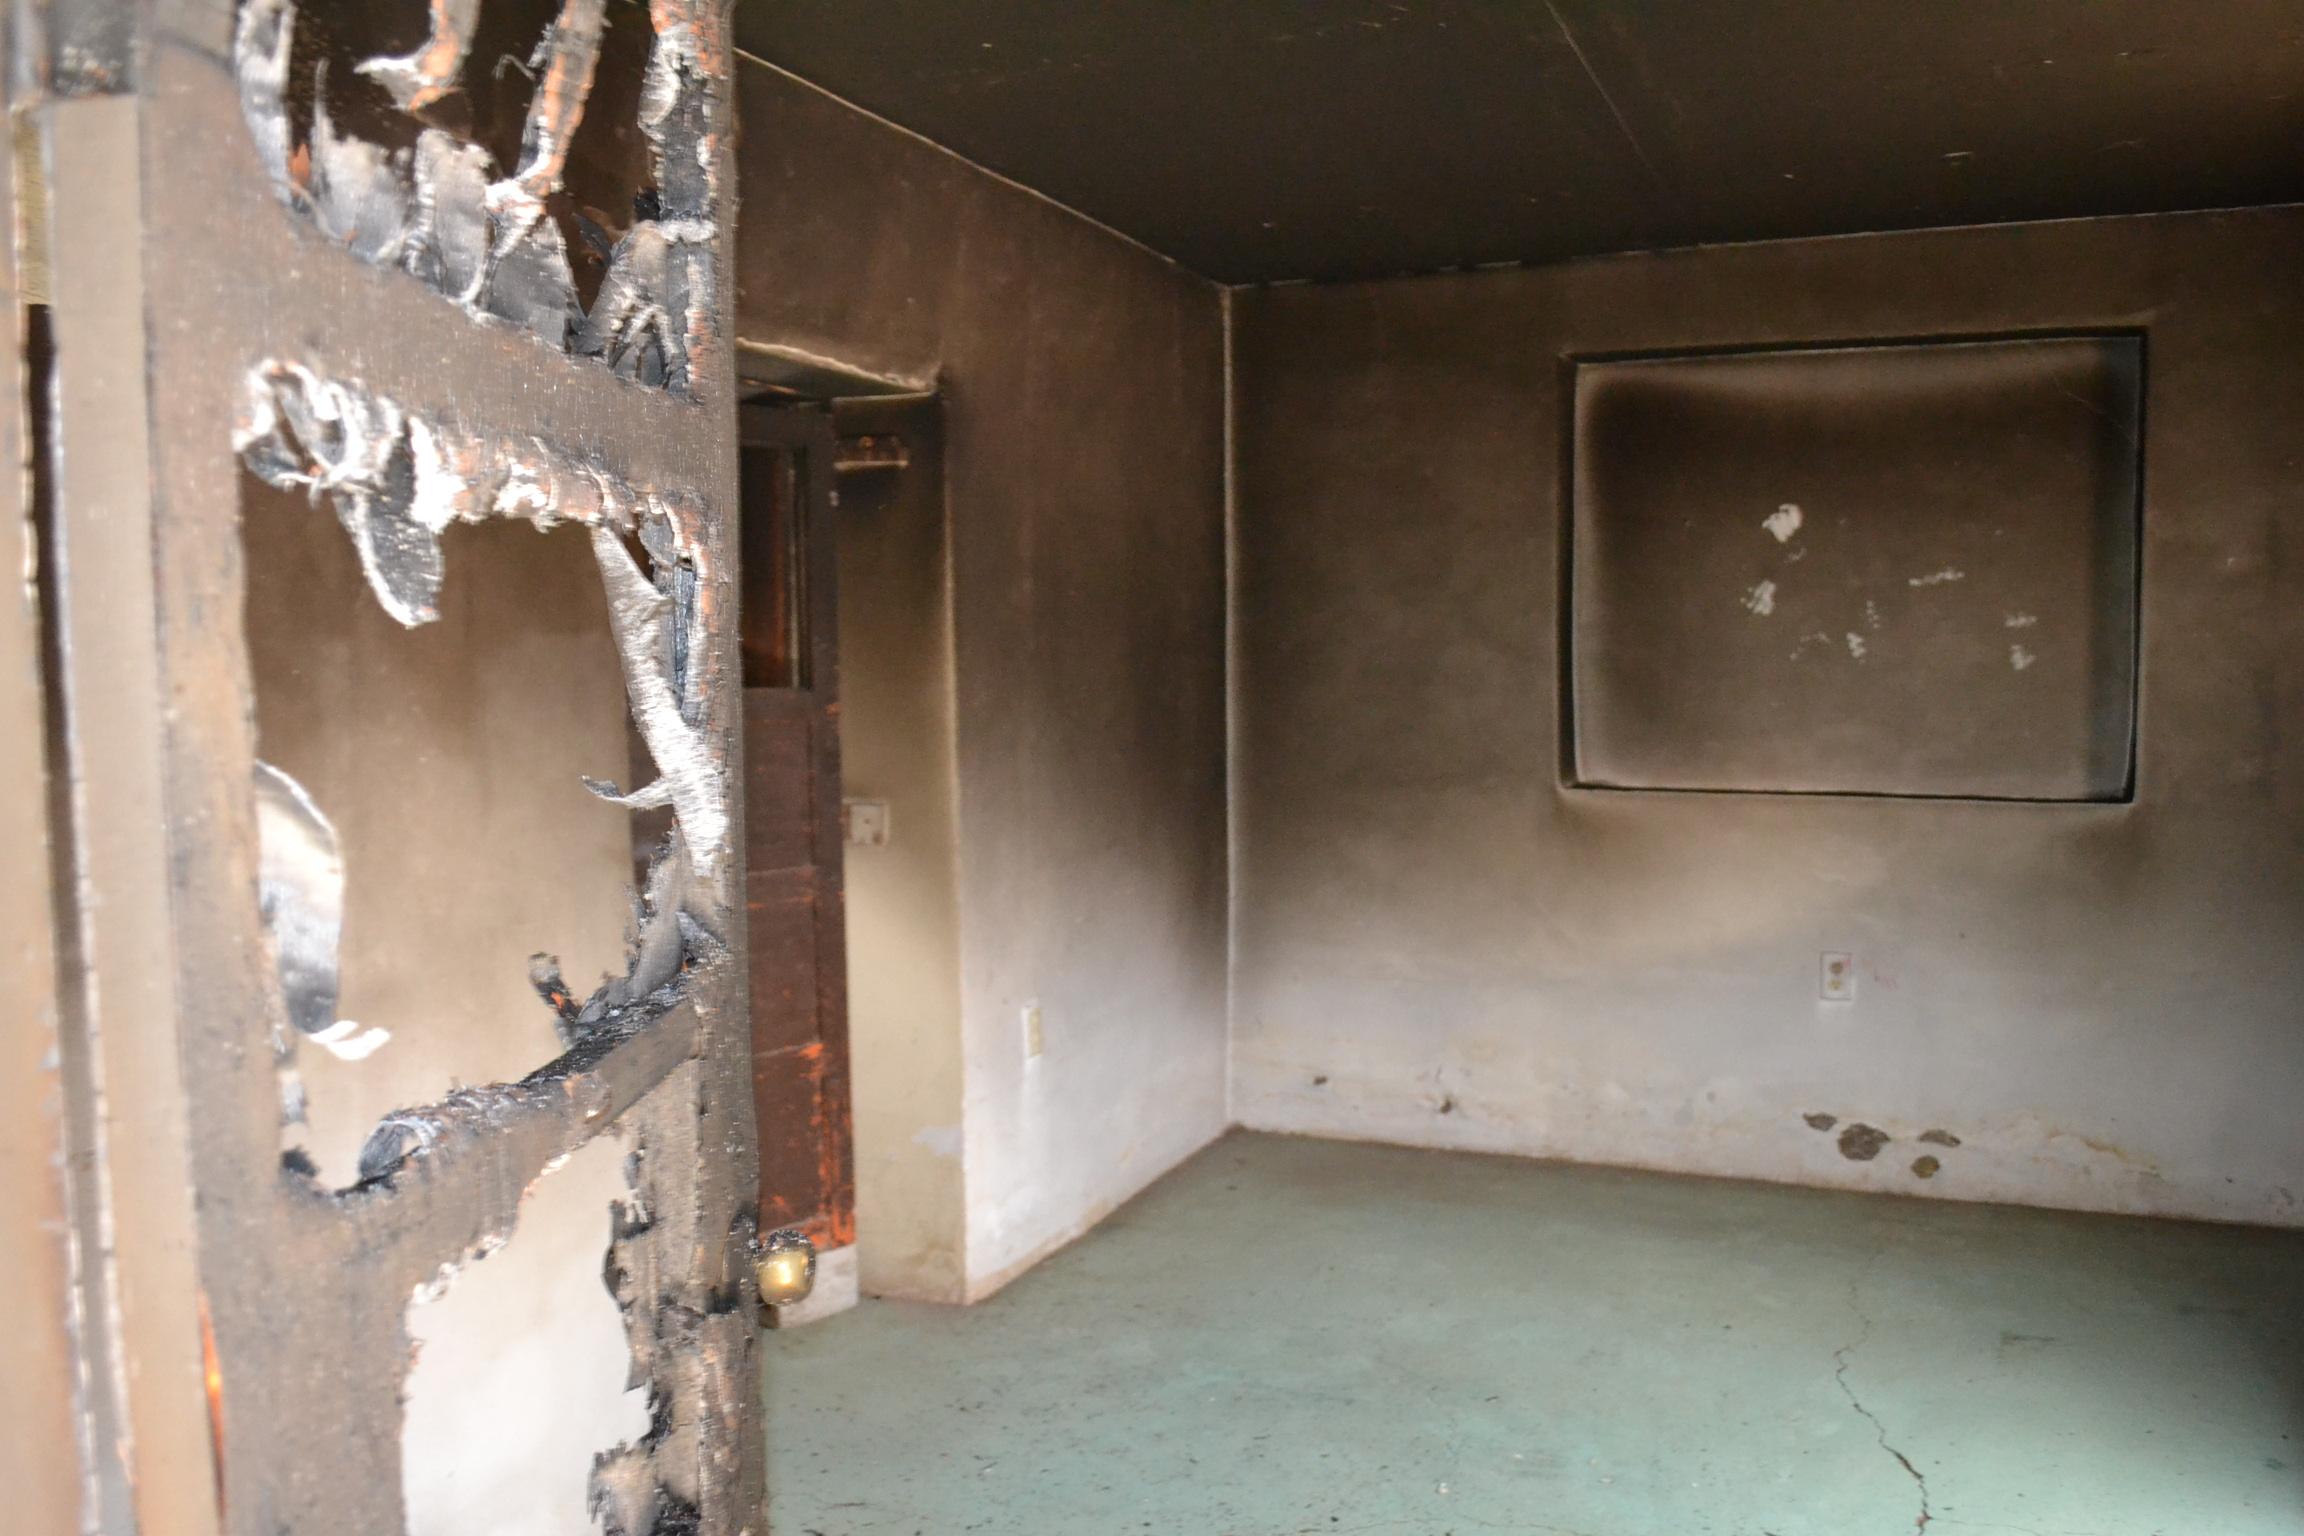 casa-quemada-balaceras-levanotnes-y-casas-incendiadas-carichi-notaq-varela-10